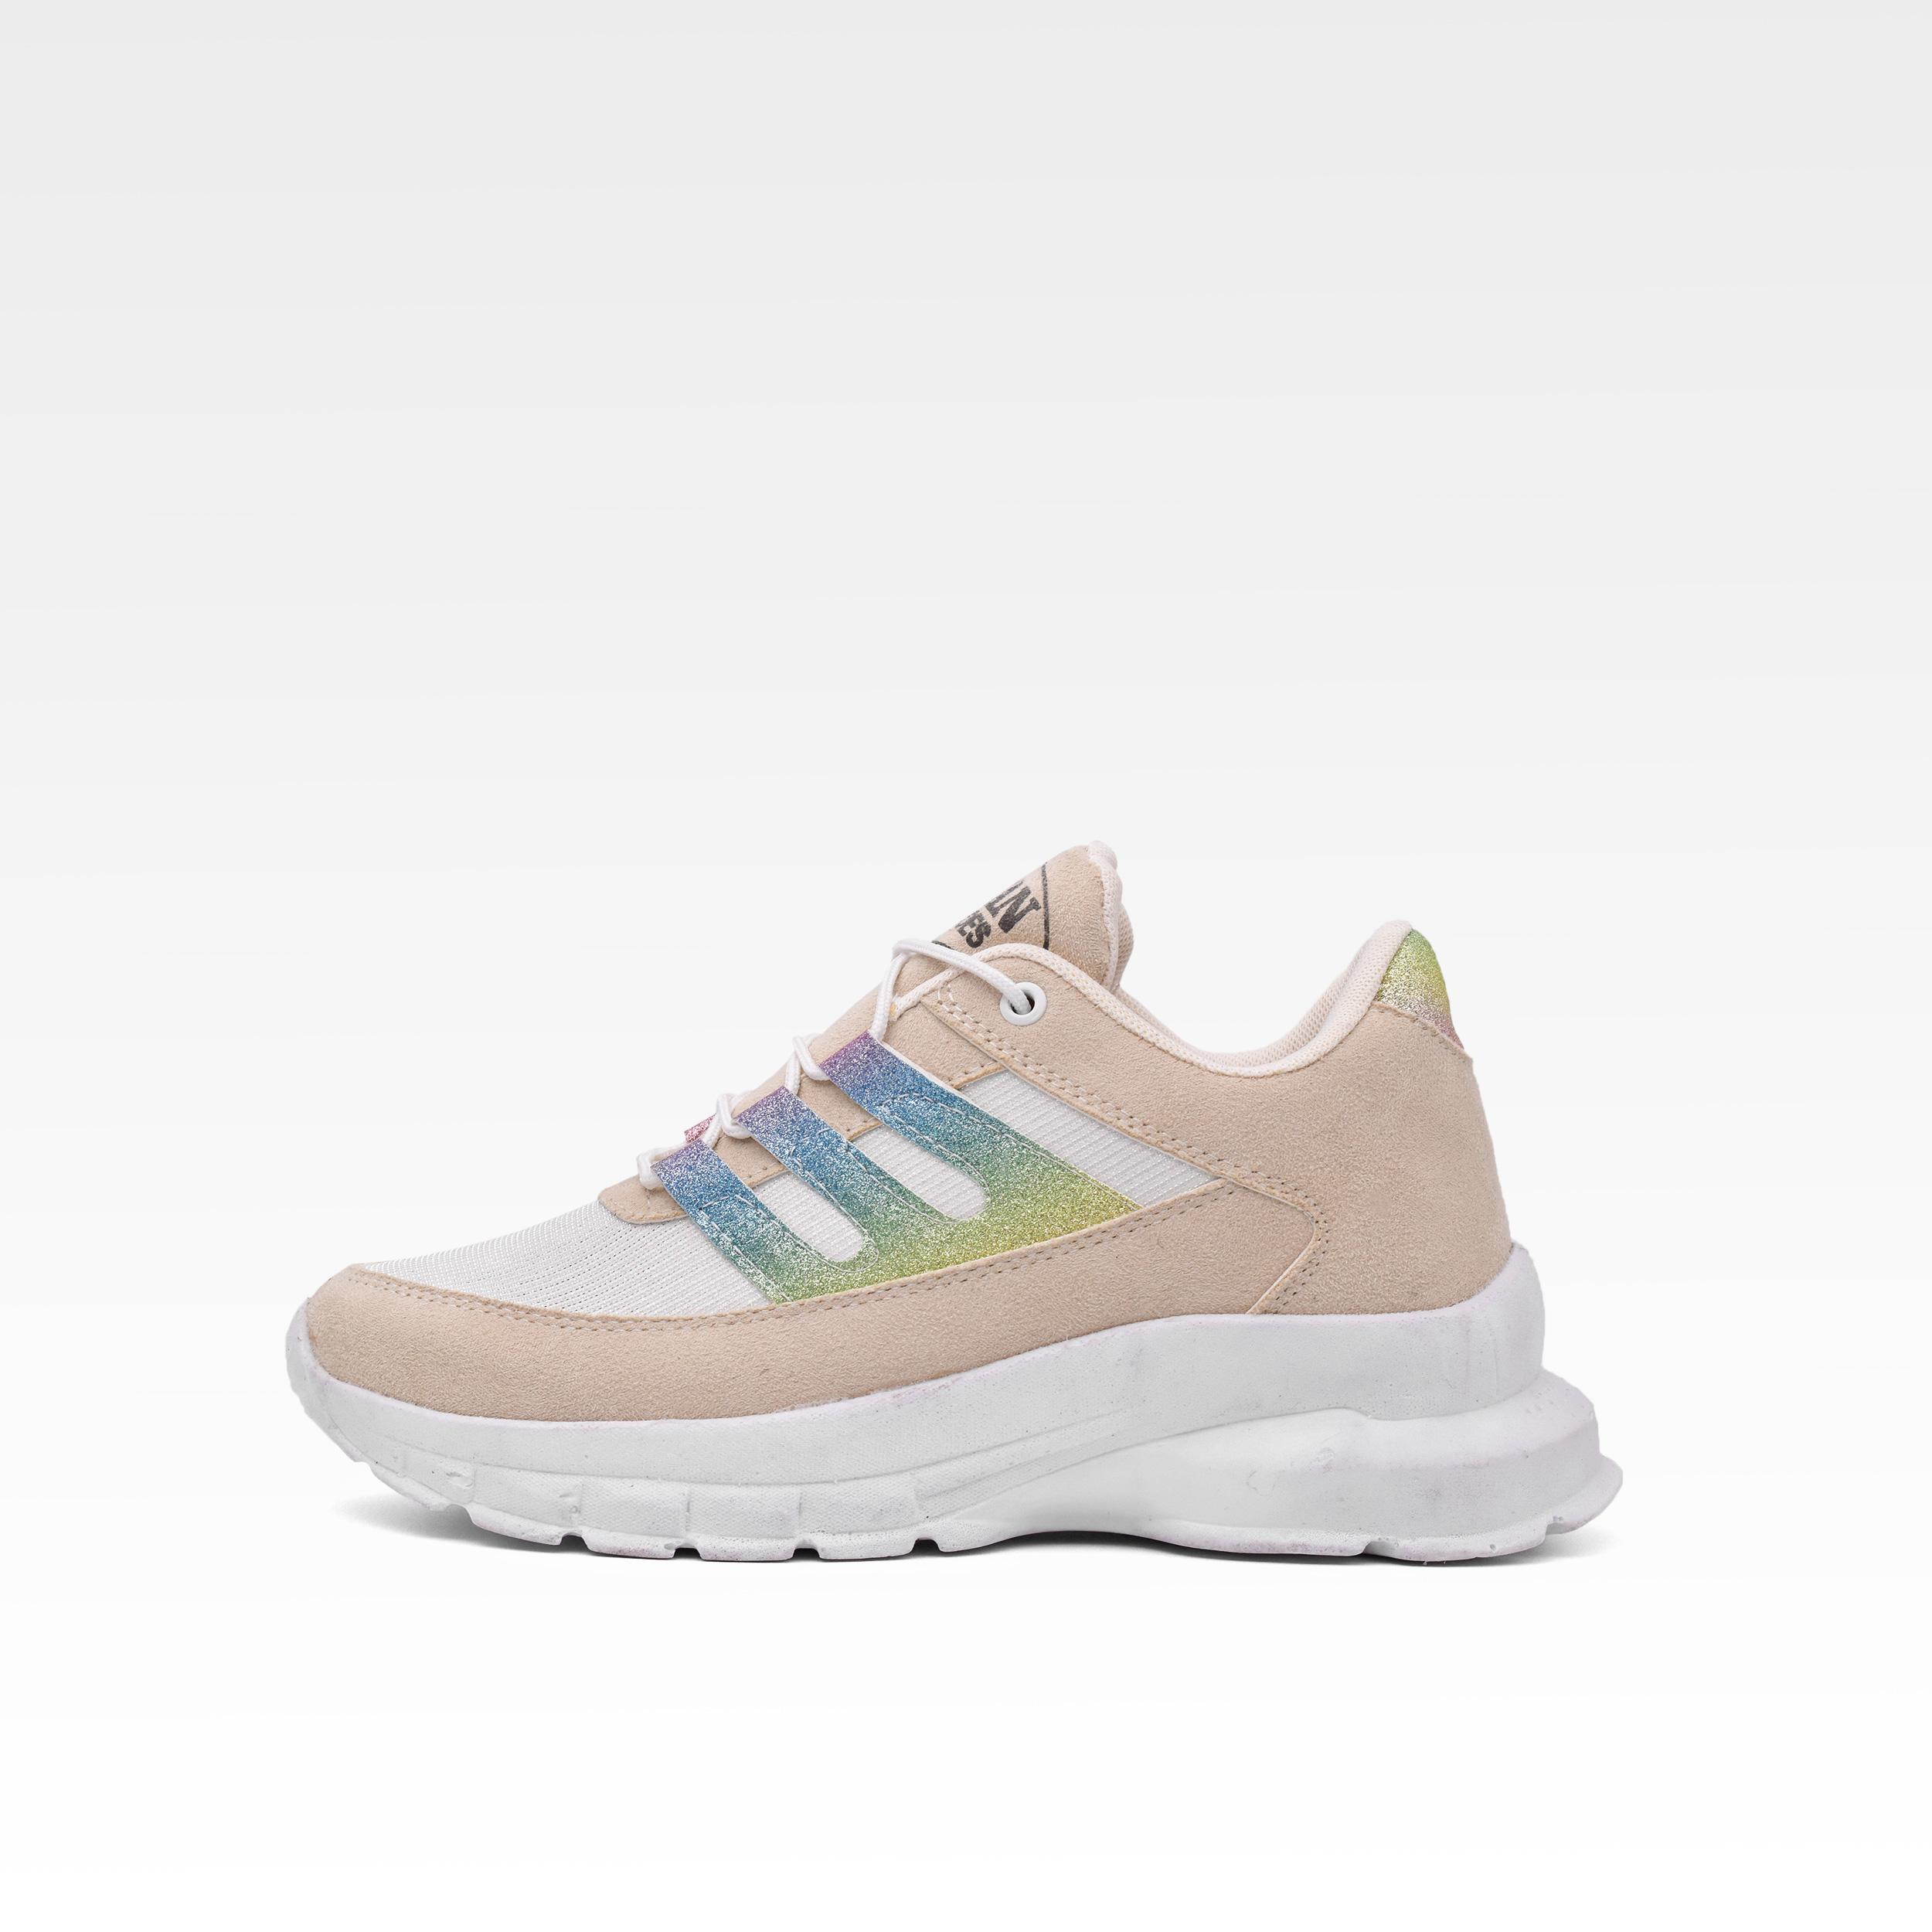 کفش مخصوص پیاده روی زنانه مدل آرین کد 5969